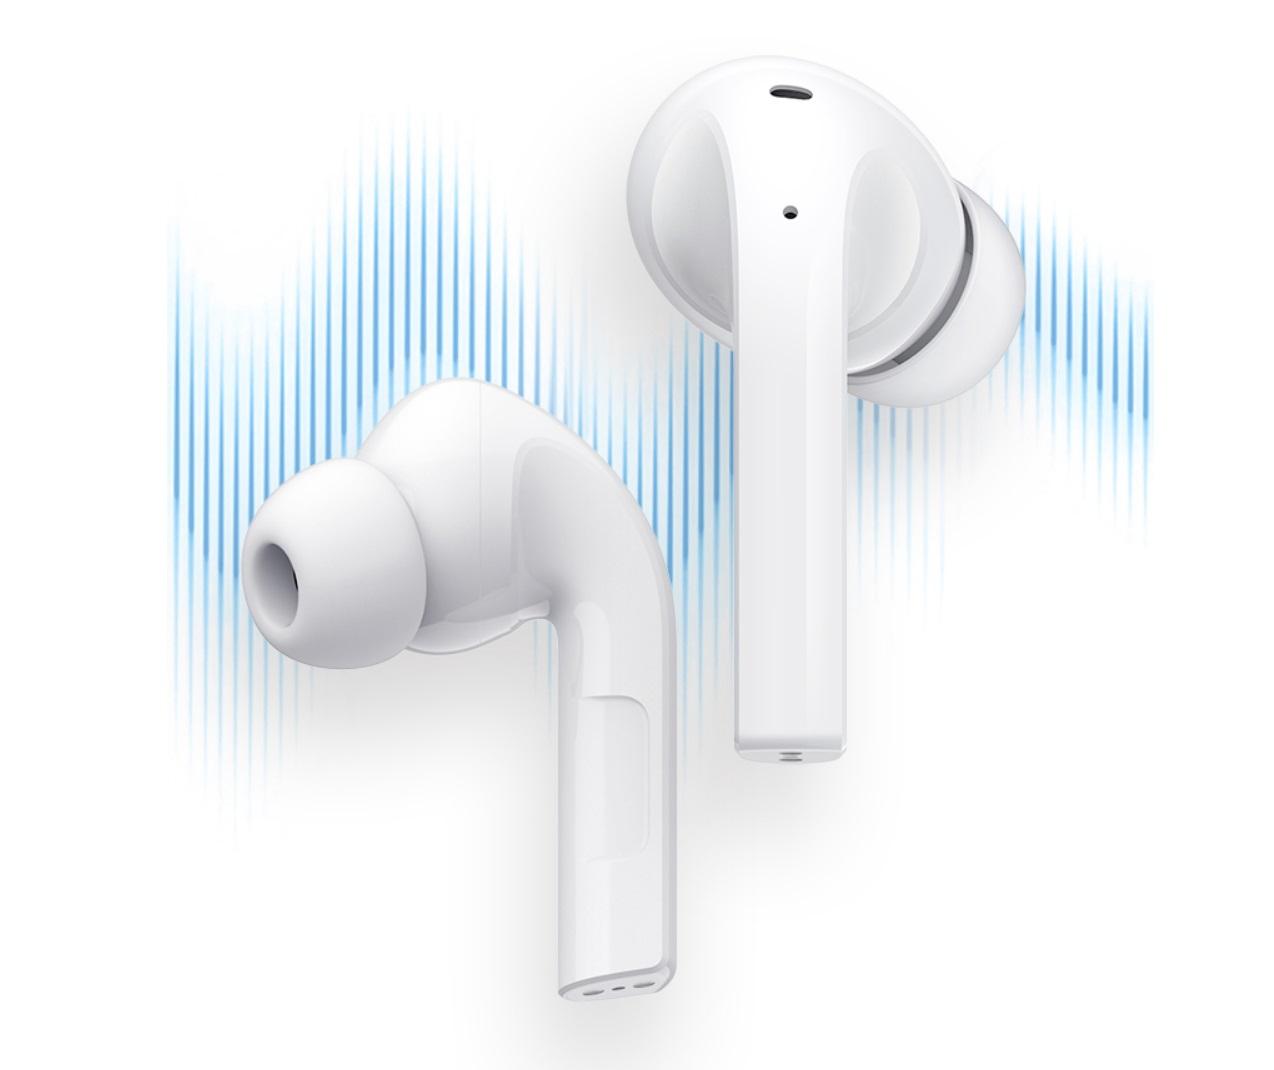 紫米真無線降噪耳機PurPods Pro全渠道開售